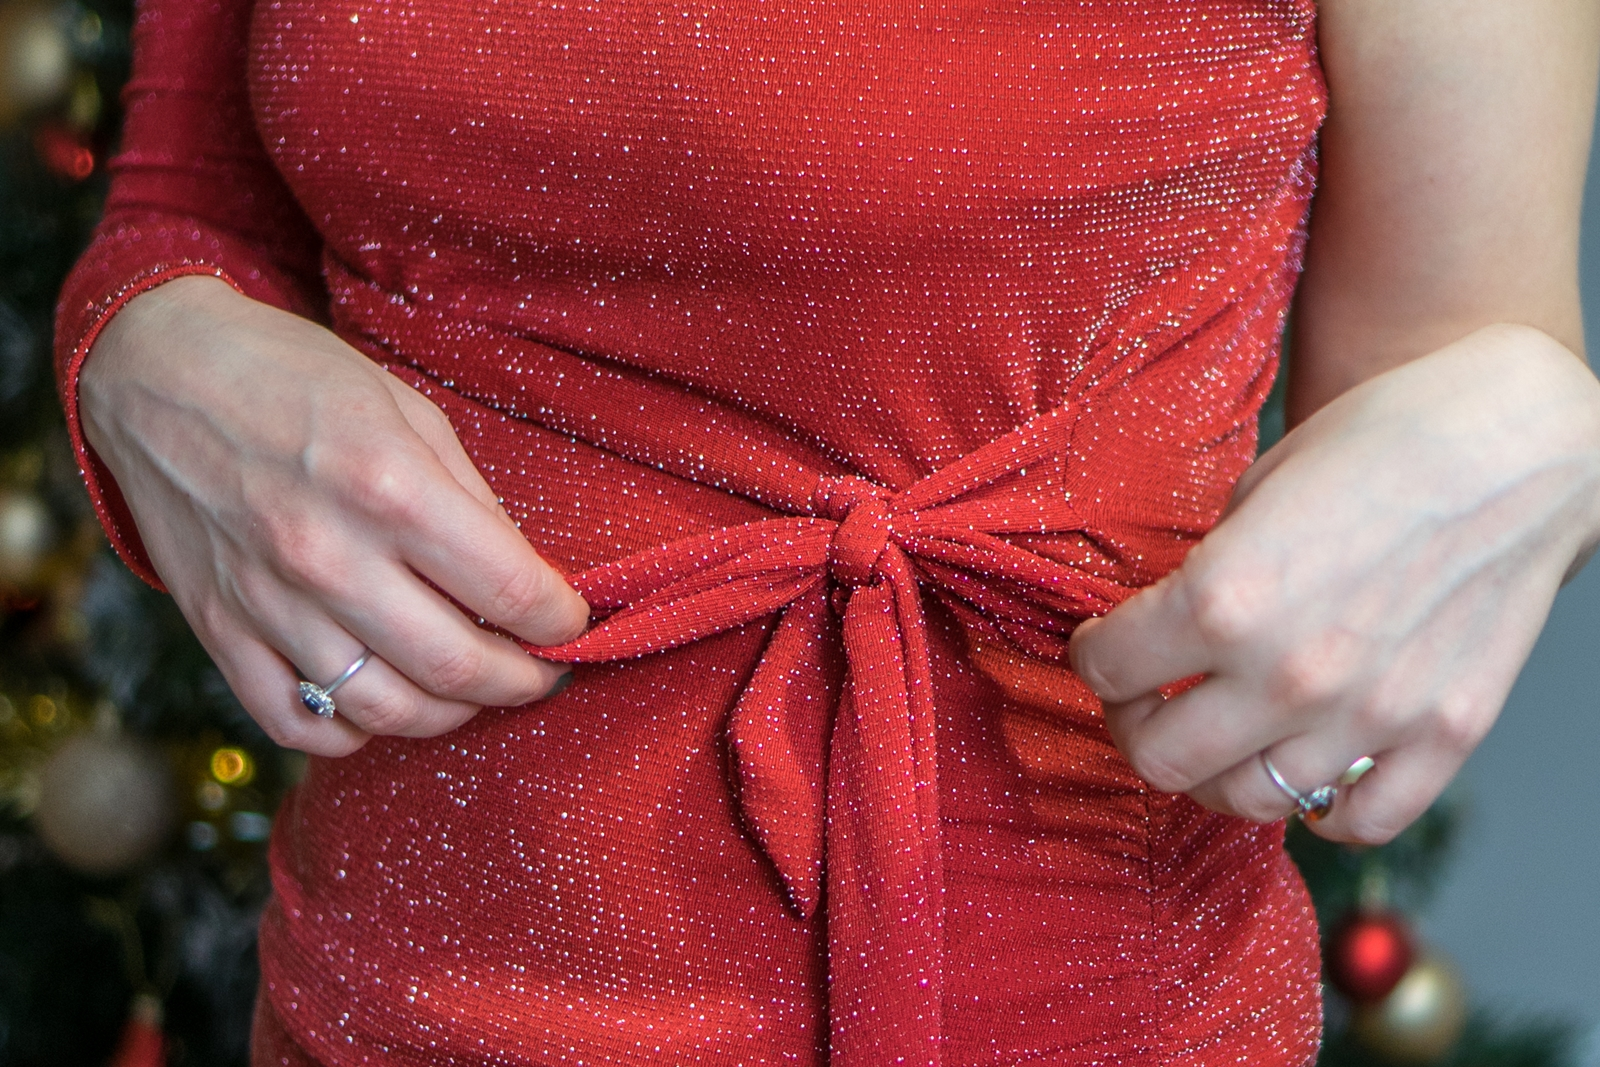 w co ubrać się na wigilię wgodna wigilijna stylizacja stylizacje na święta bożego narodzenia sukienki komplety spodnie sukienka dres koszulowa sukienka biała w kratkę czerwona błyszcząca